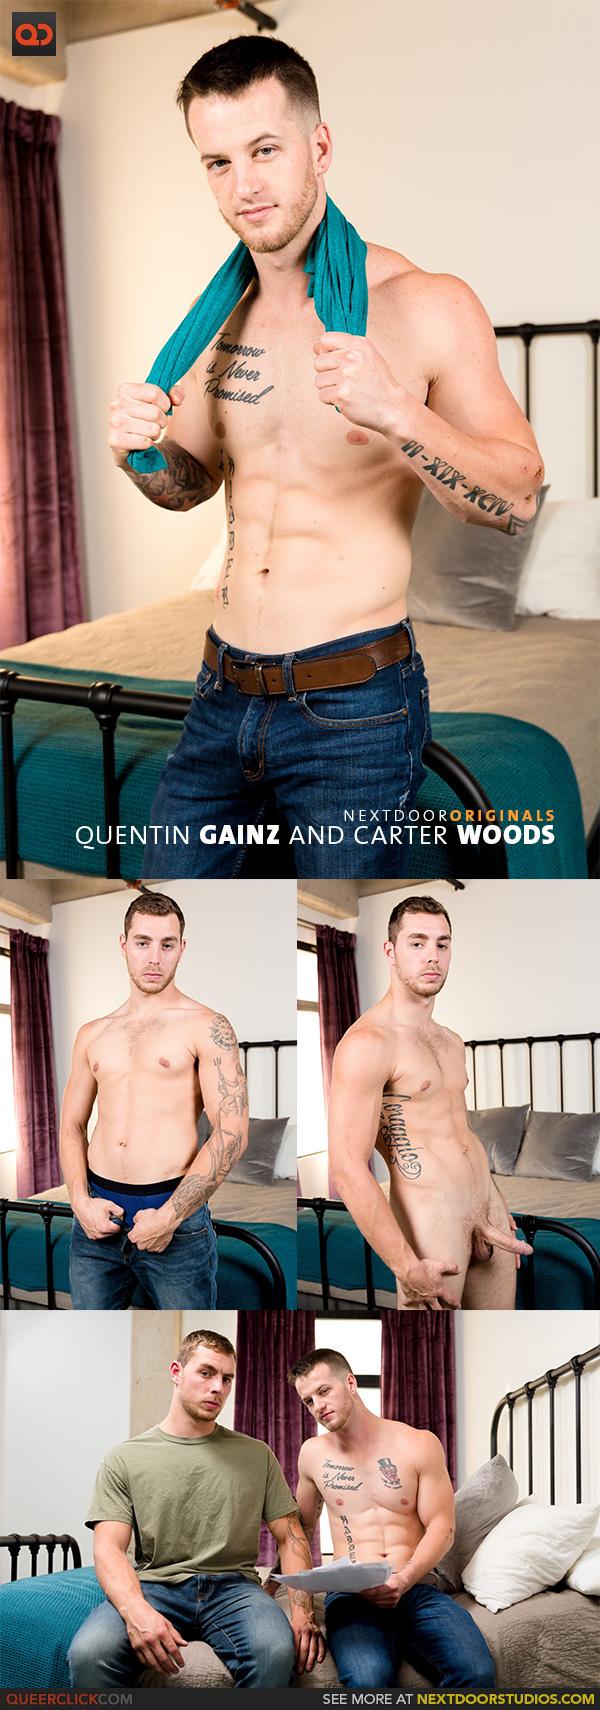 Next Door Studios:  Quentin Gainz and Carter Woods